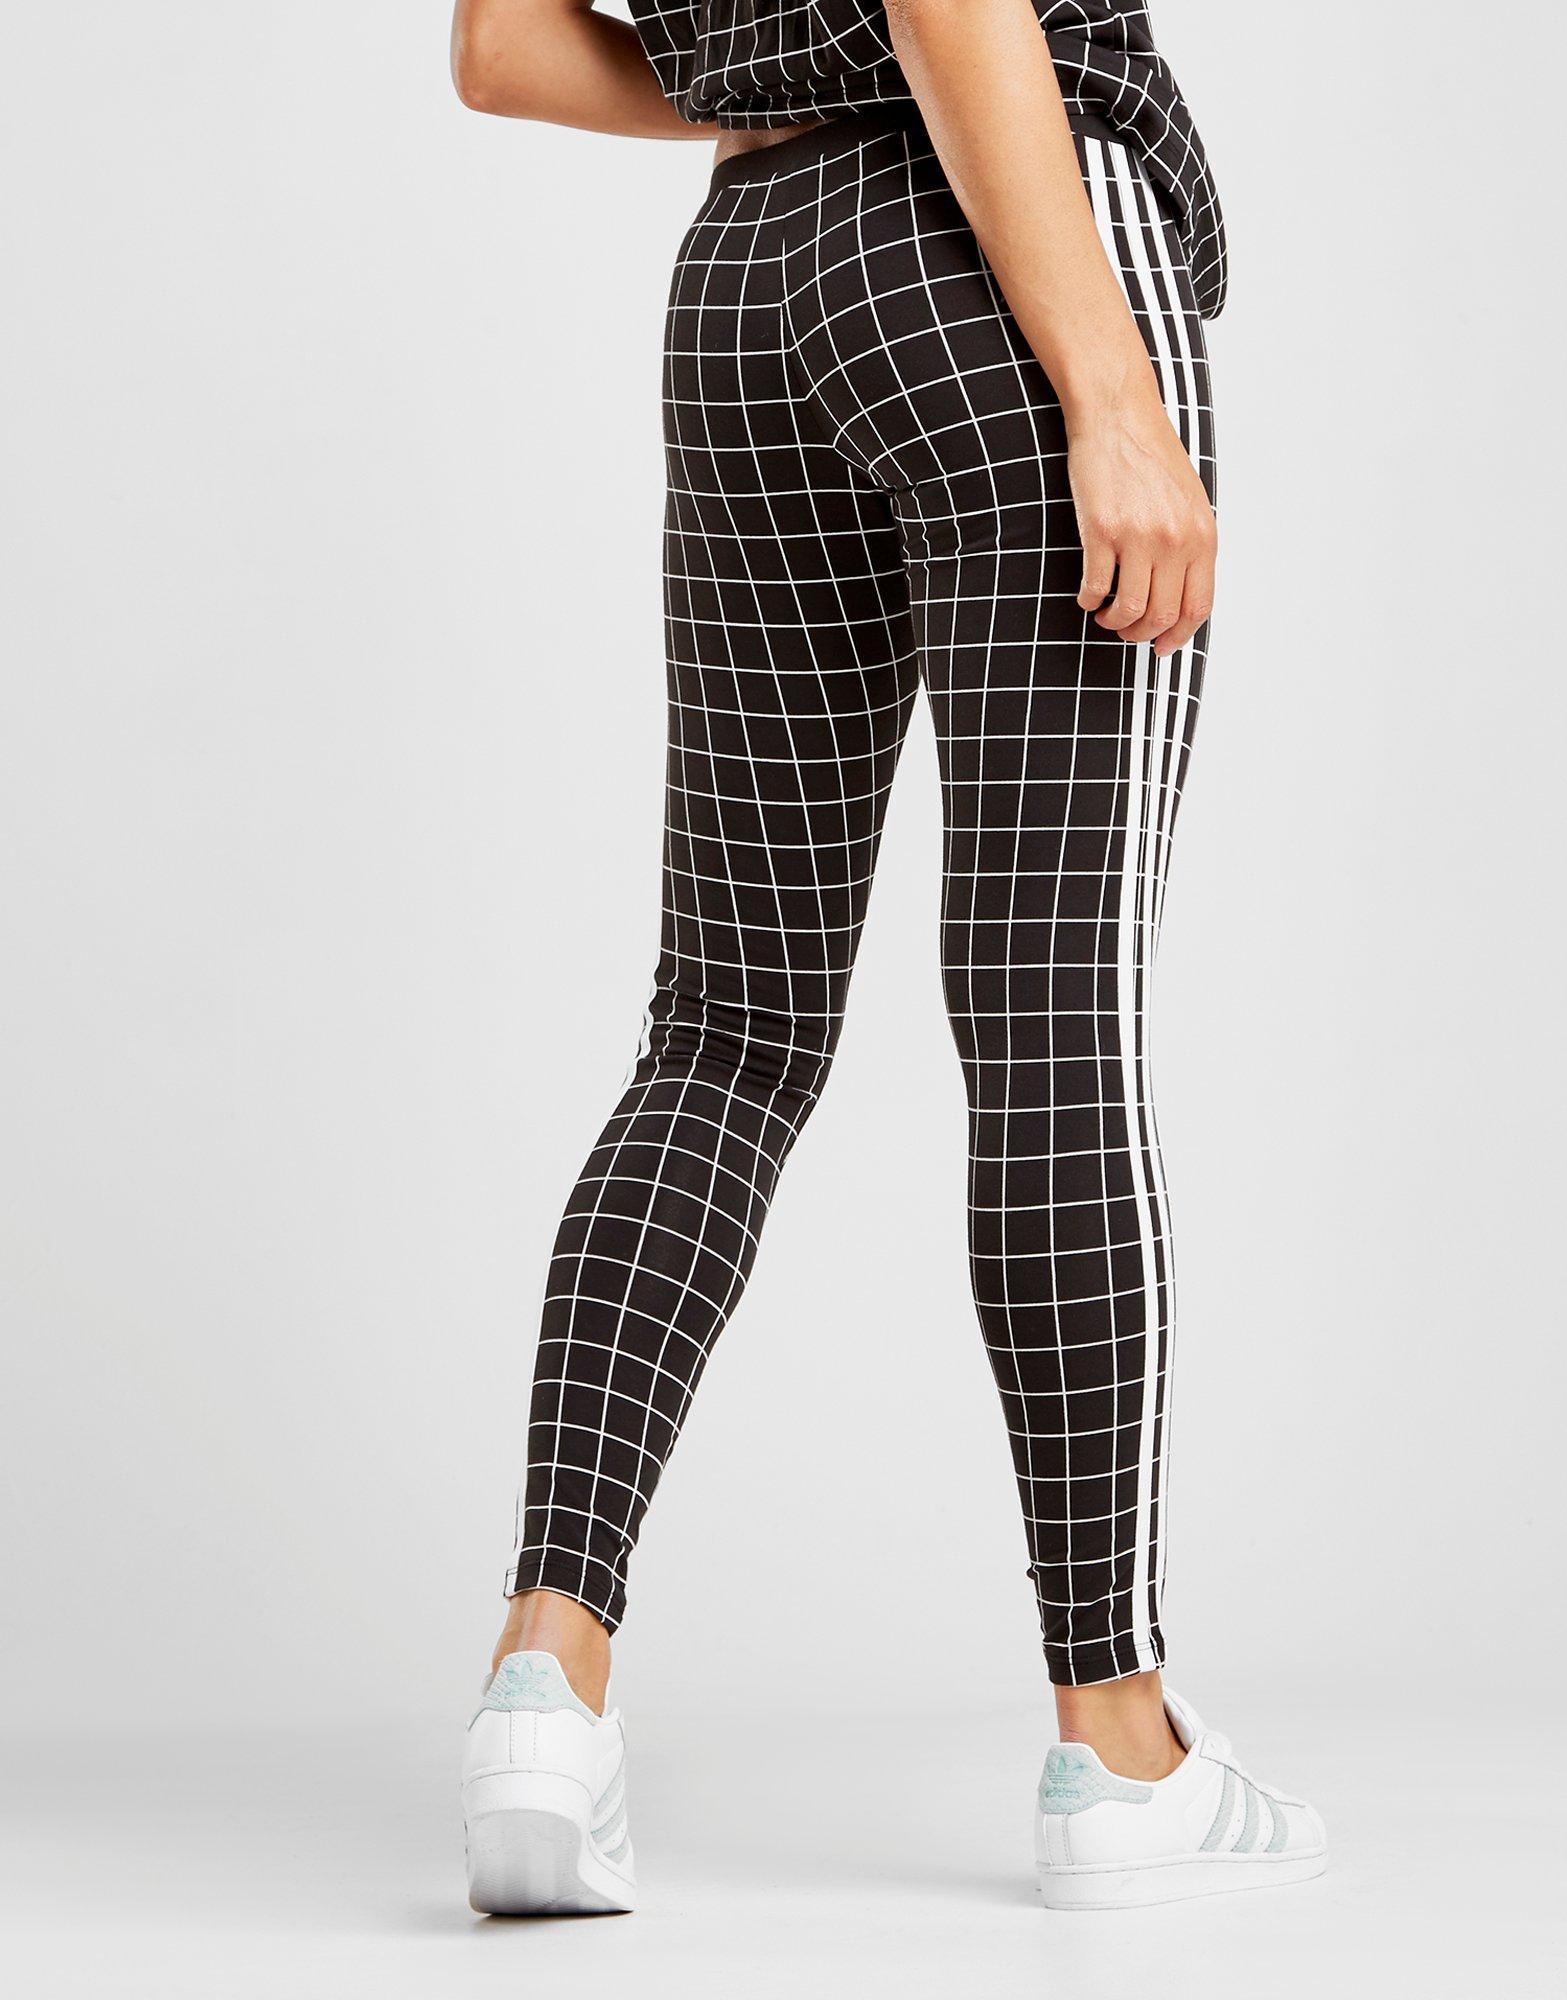 3 stripes adidas leggings